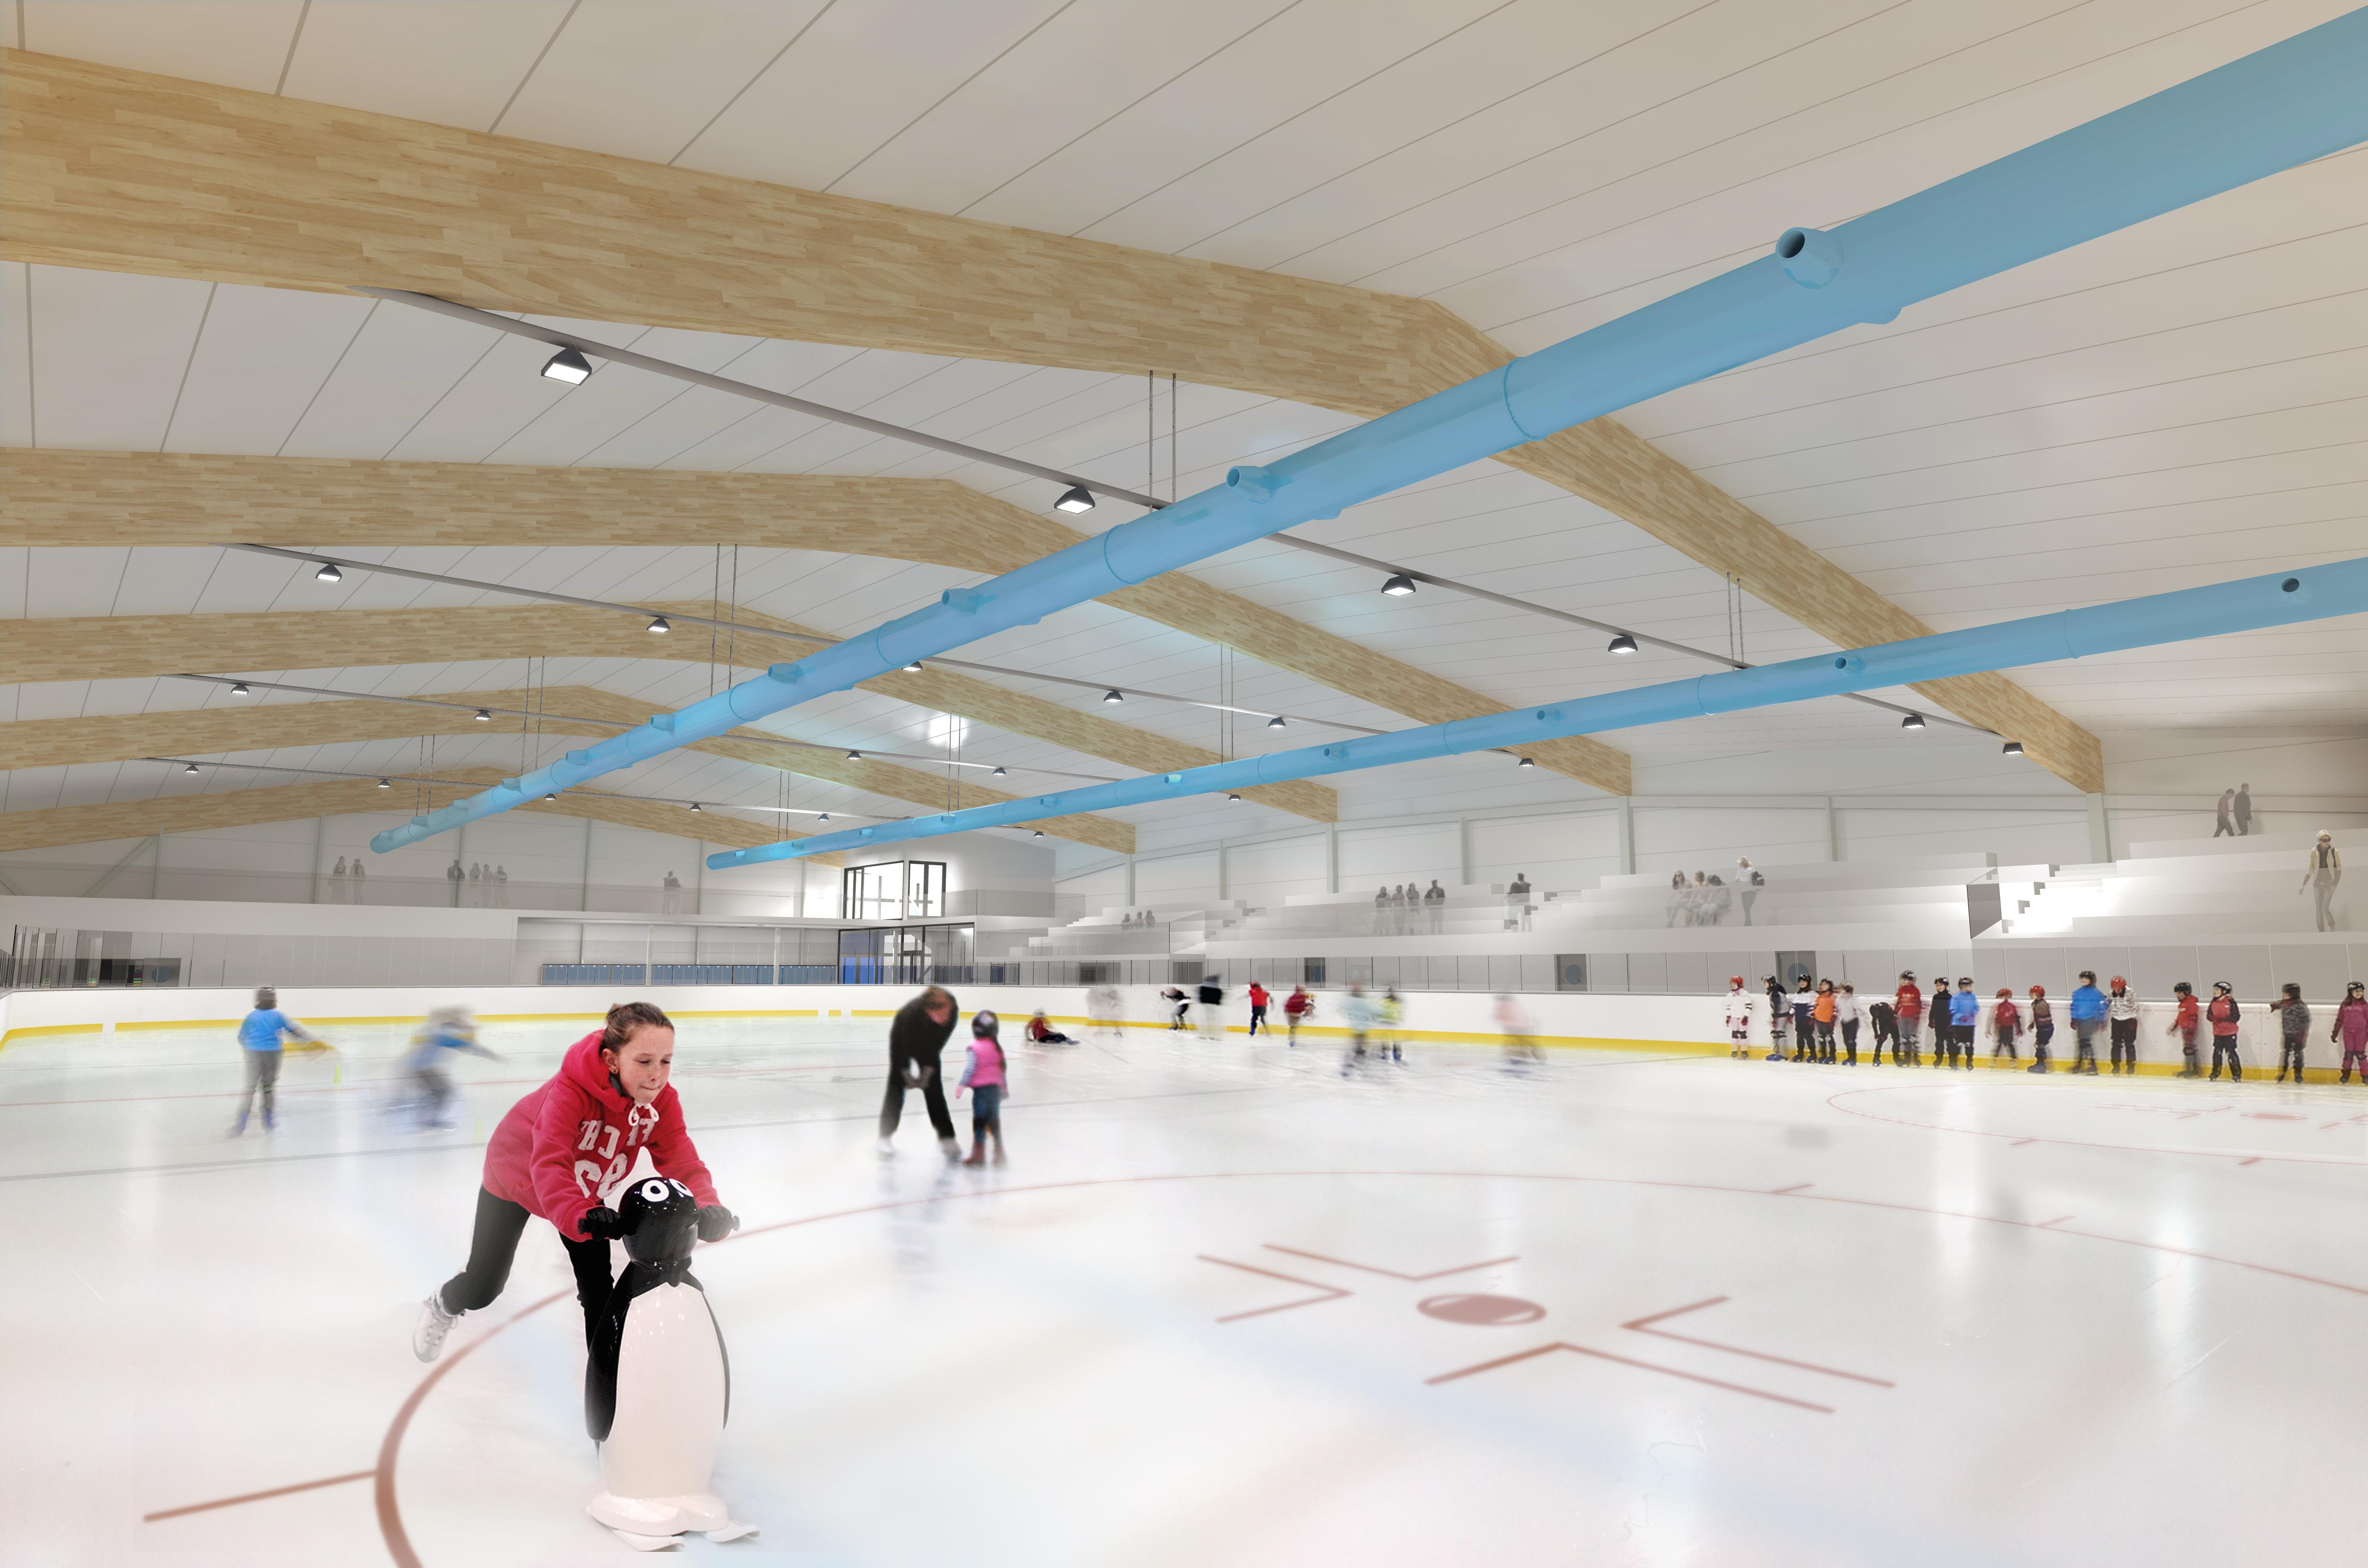 schenley ice skating rink - HD4928×3264